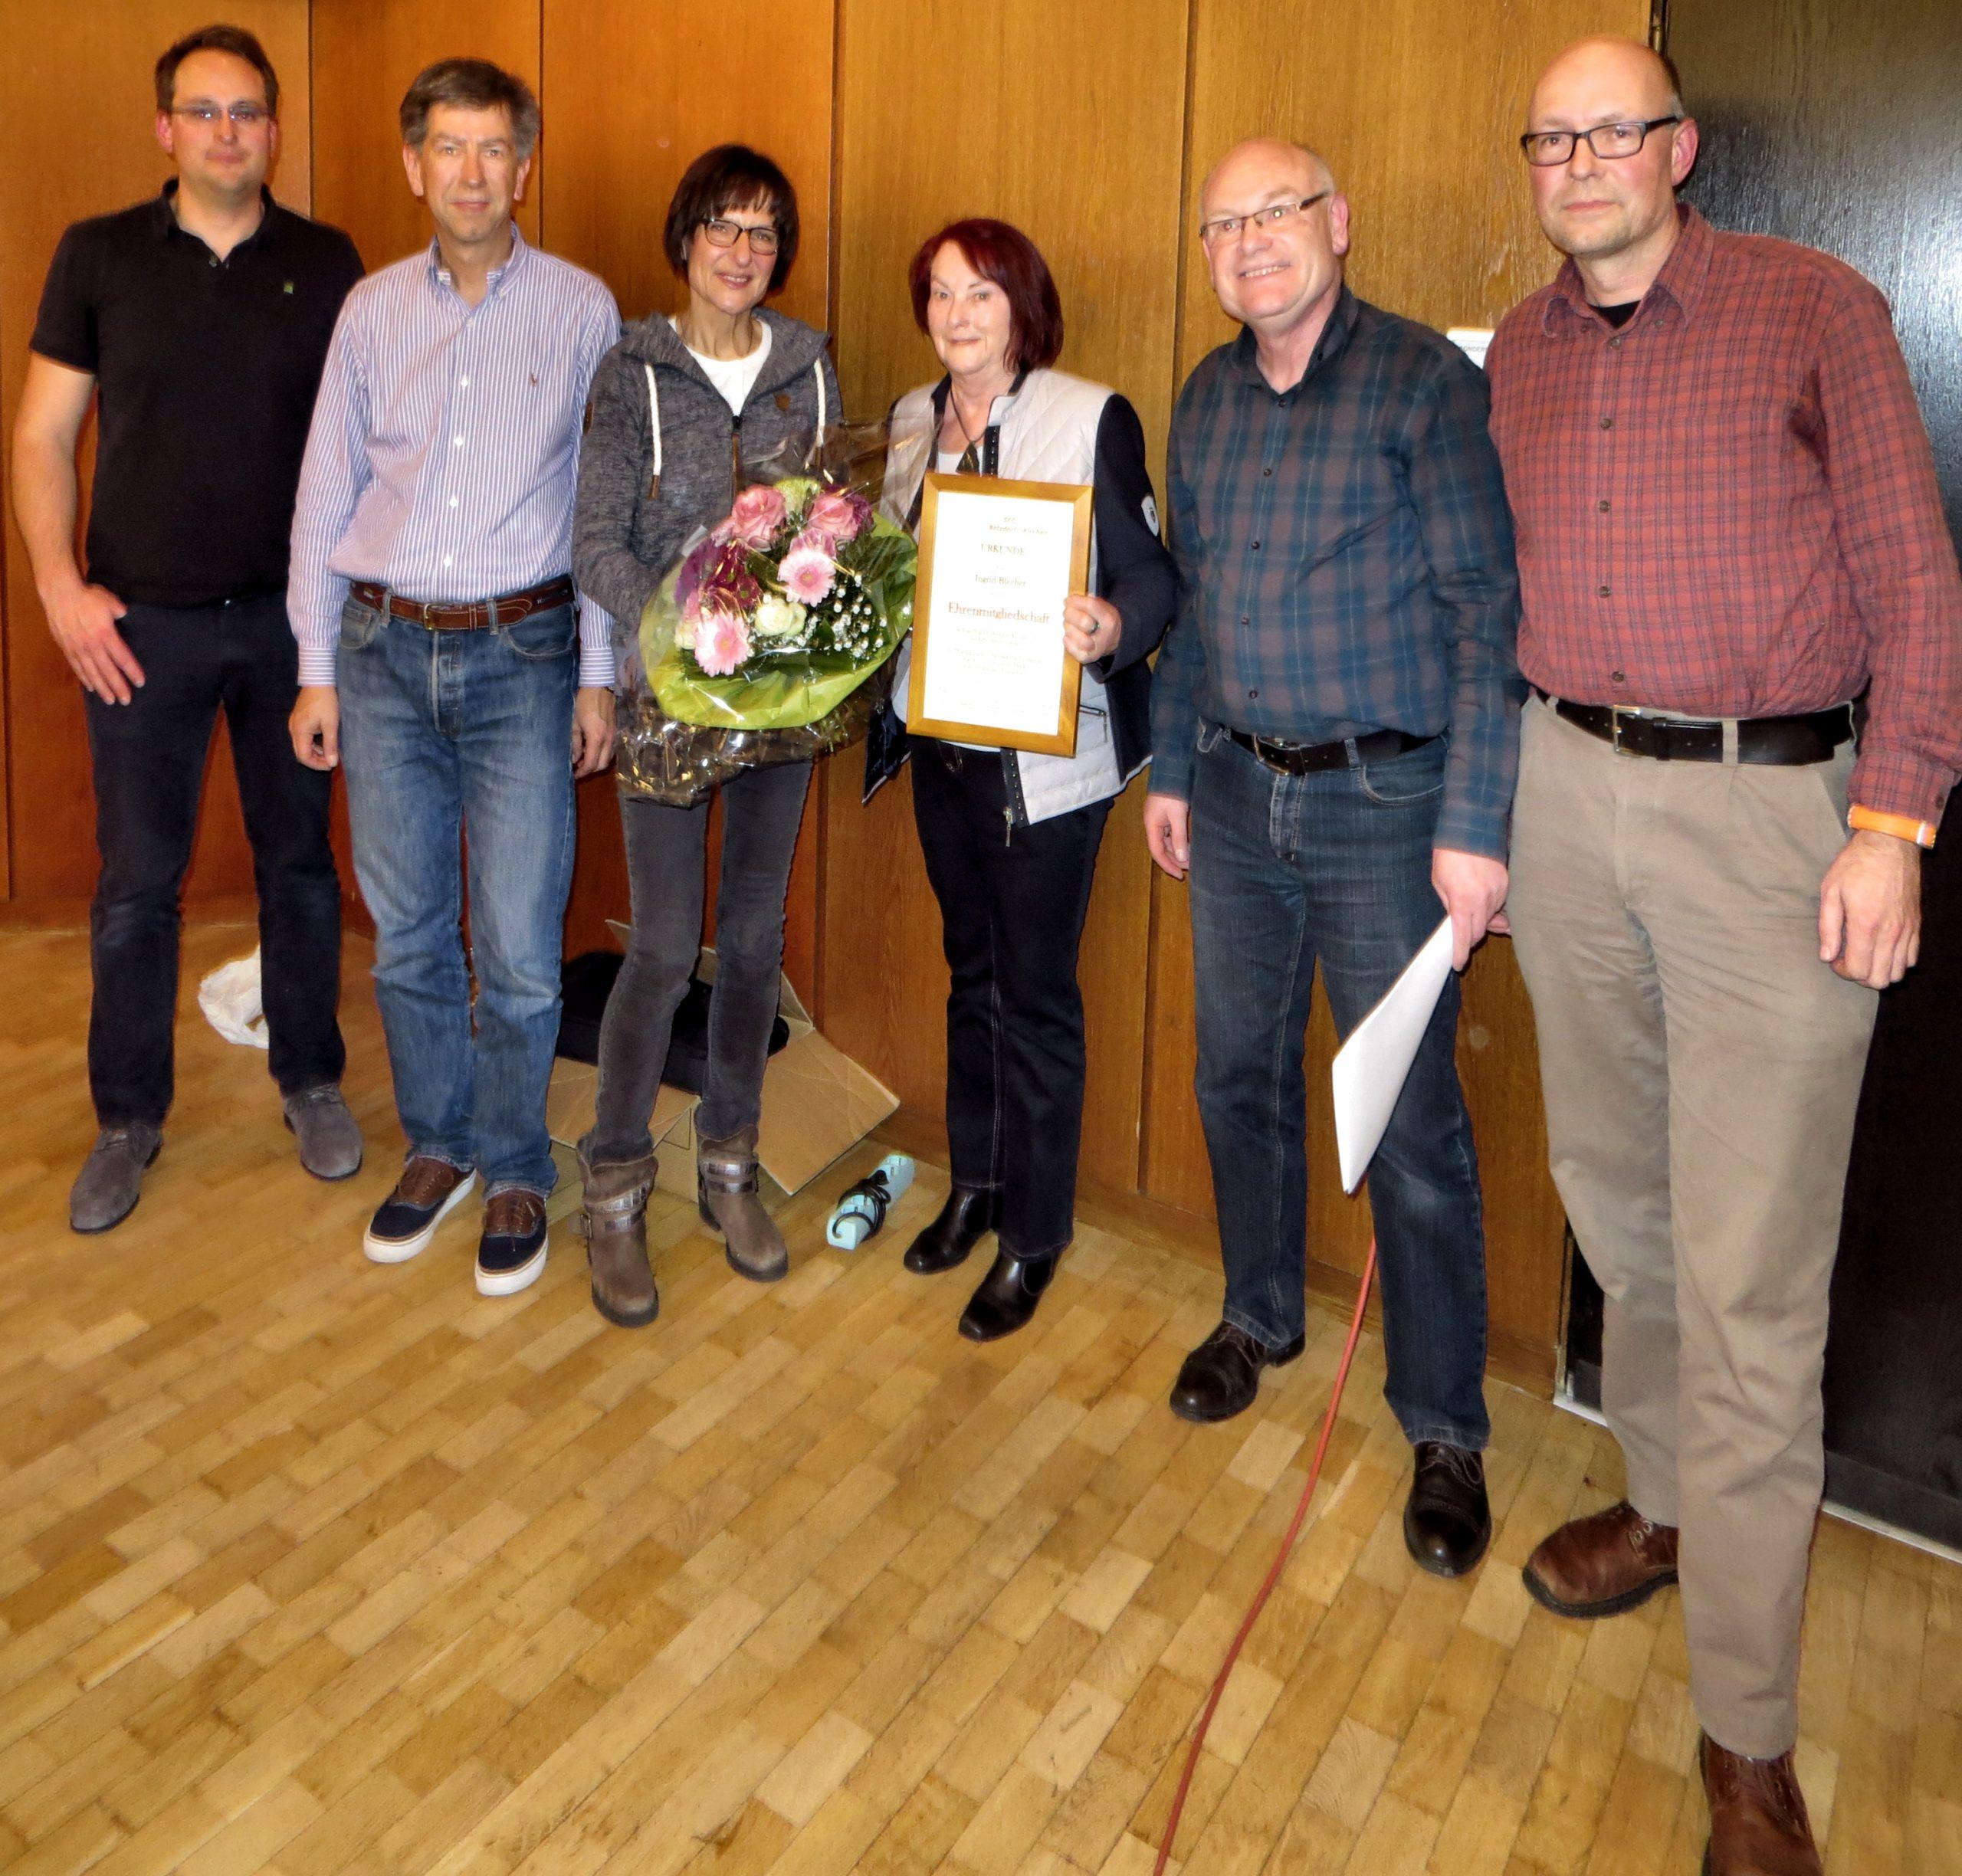 Verein und Vorstand ehrten Ingrid Blecher für ihre Verdienste um Verein und Frauensegelflug